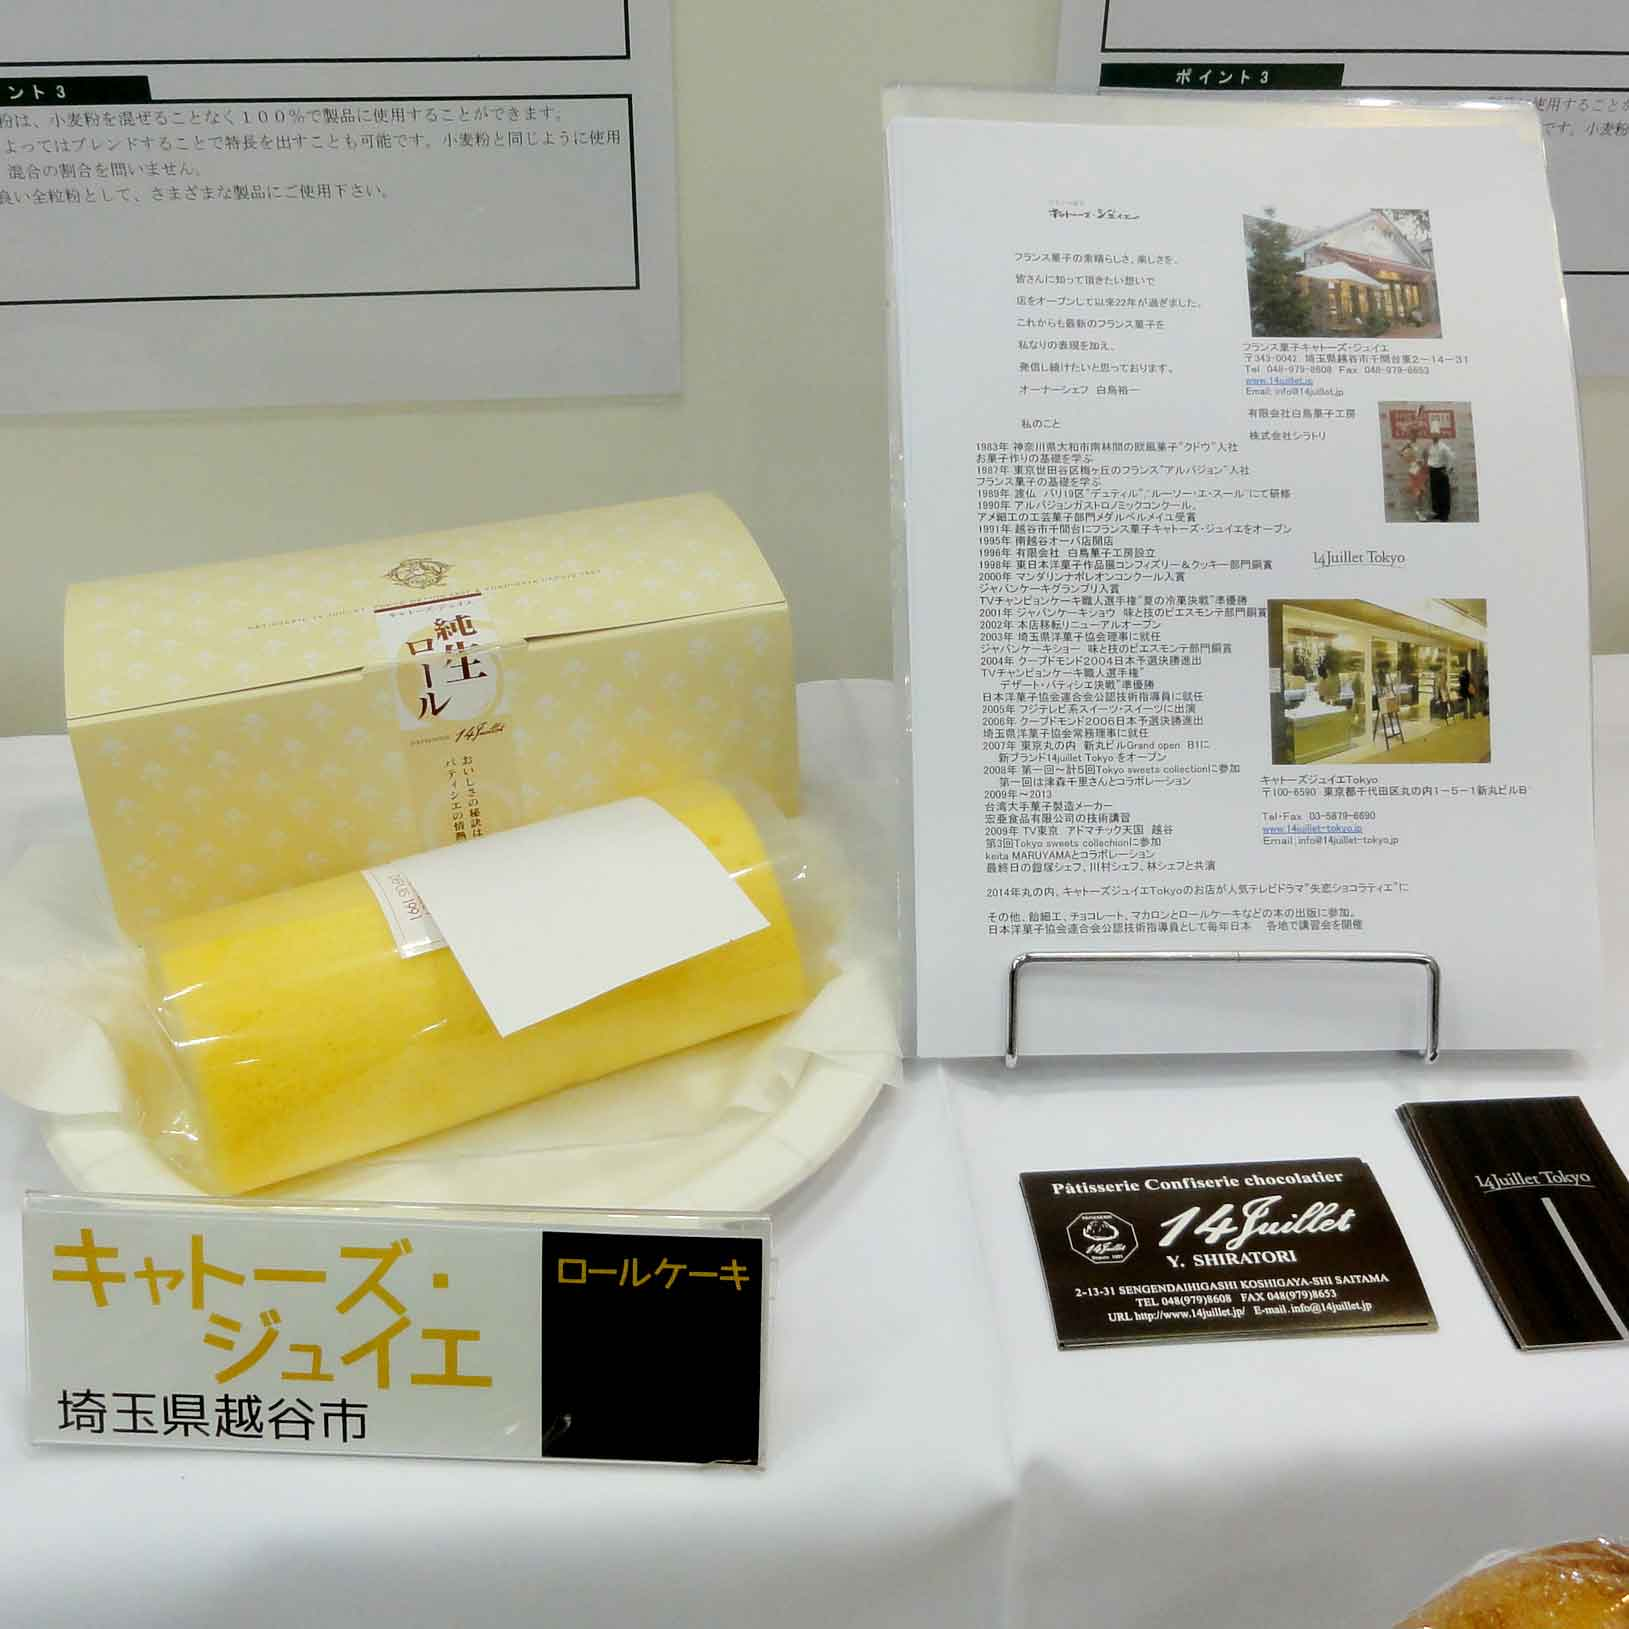 ブーランジェリーパティスリー&ブーランジェリージャパン 2014 出展